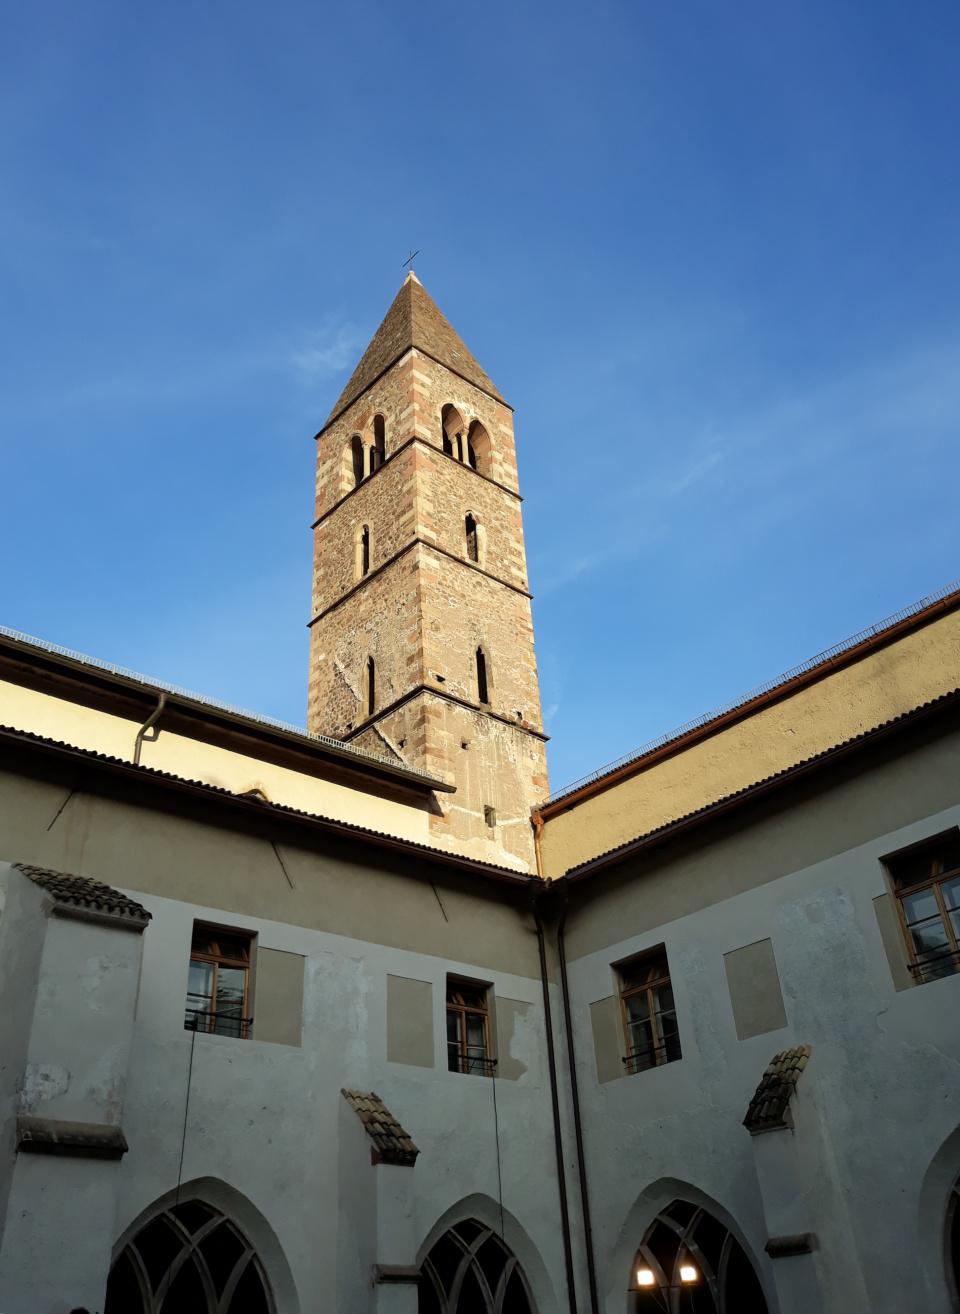 Il campanile della Chiesa dei Domenicani visto dal chiostro (12.6.2021)